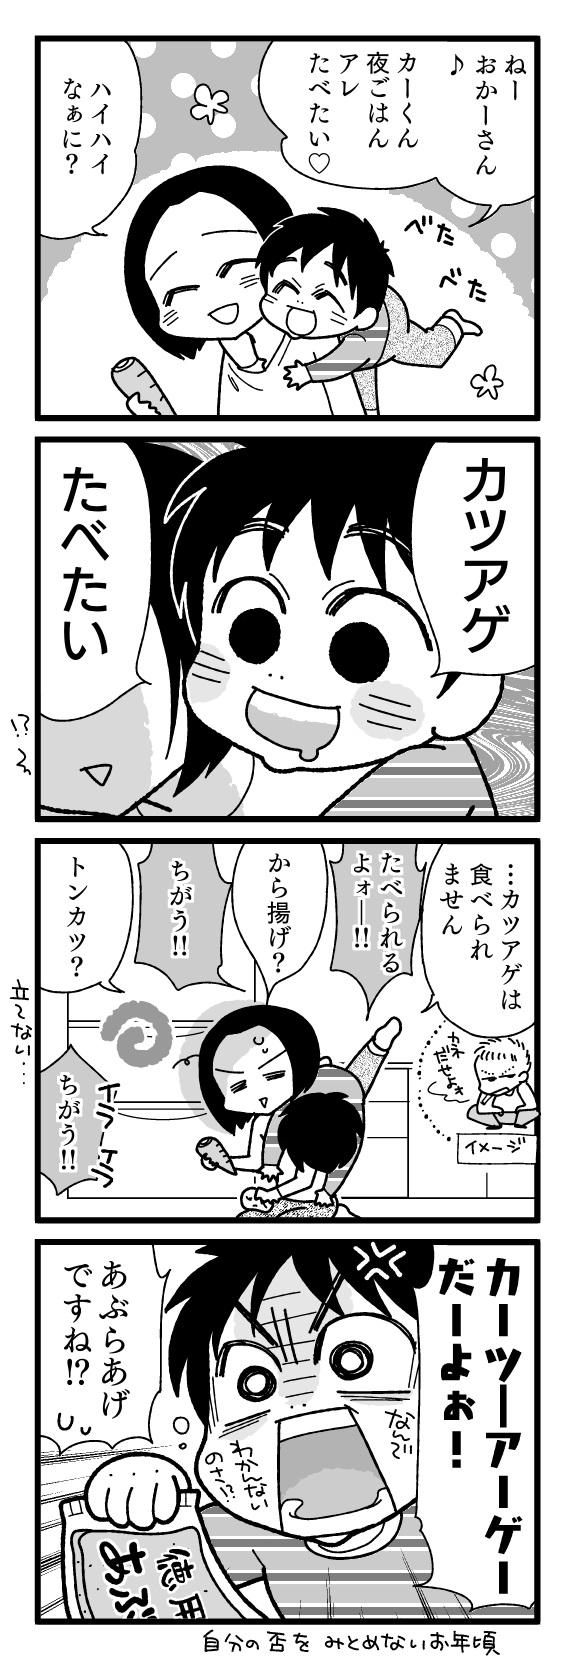 漫画『怒涛のにゅーじヨージ』Vol.198「いや、だから違うって」 1コマ目